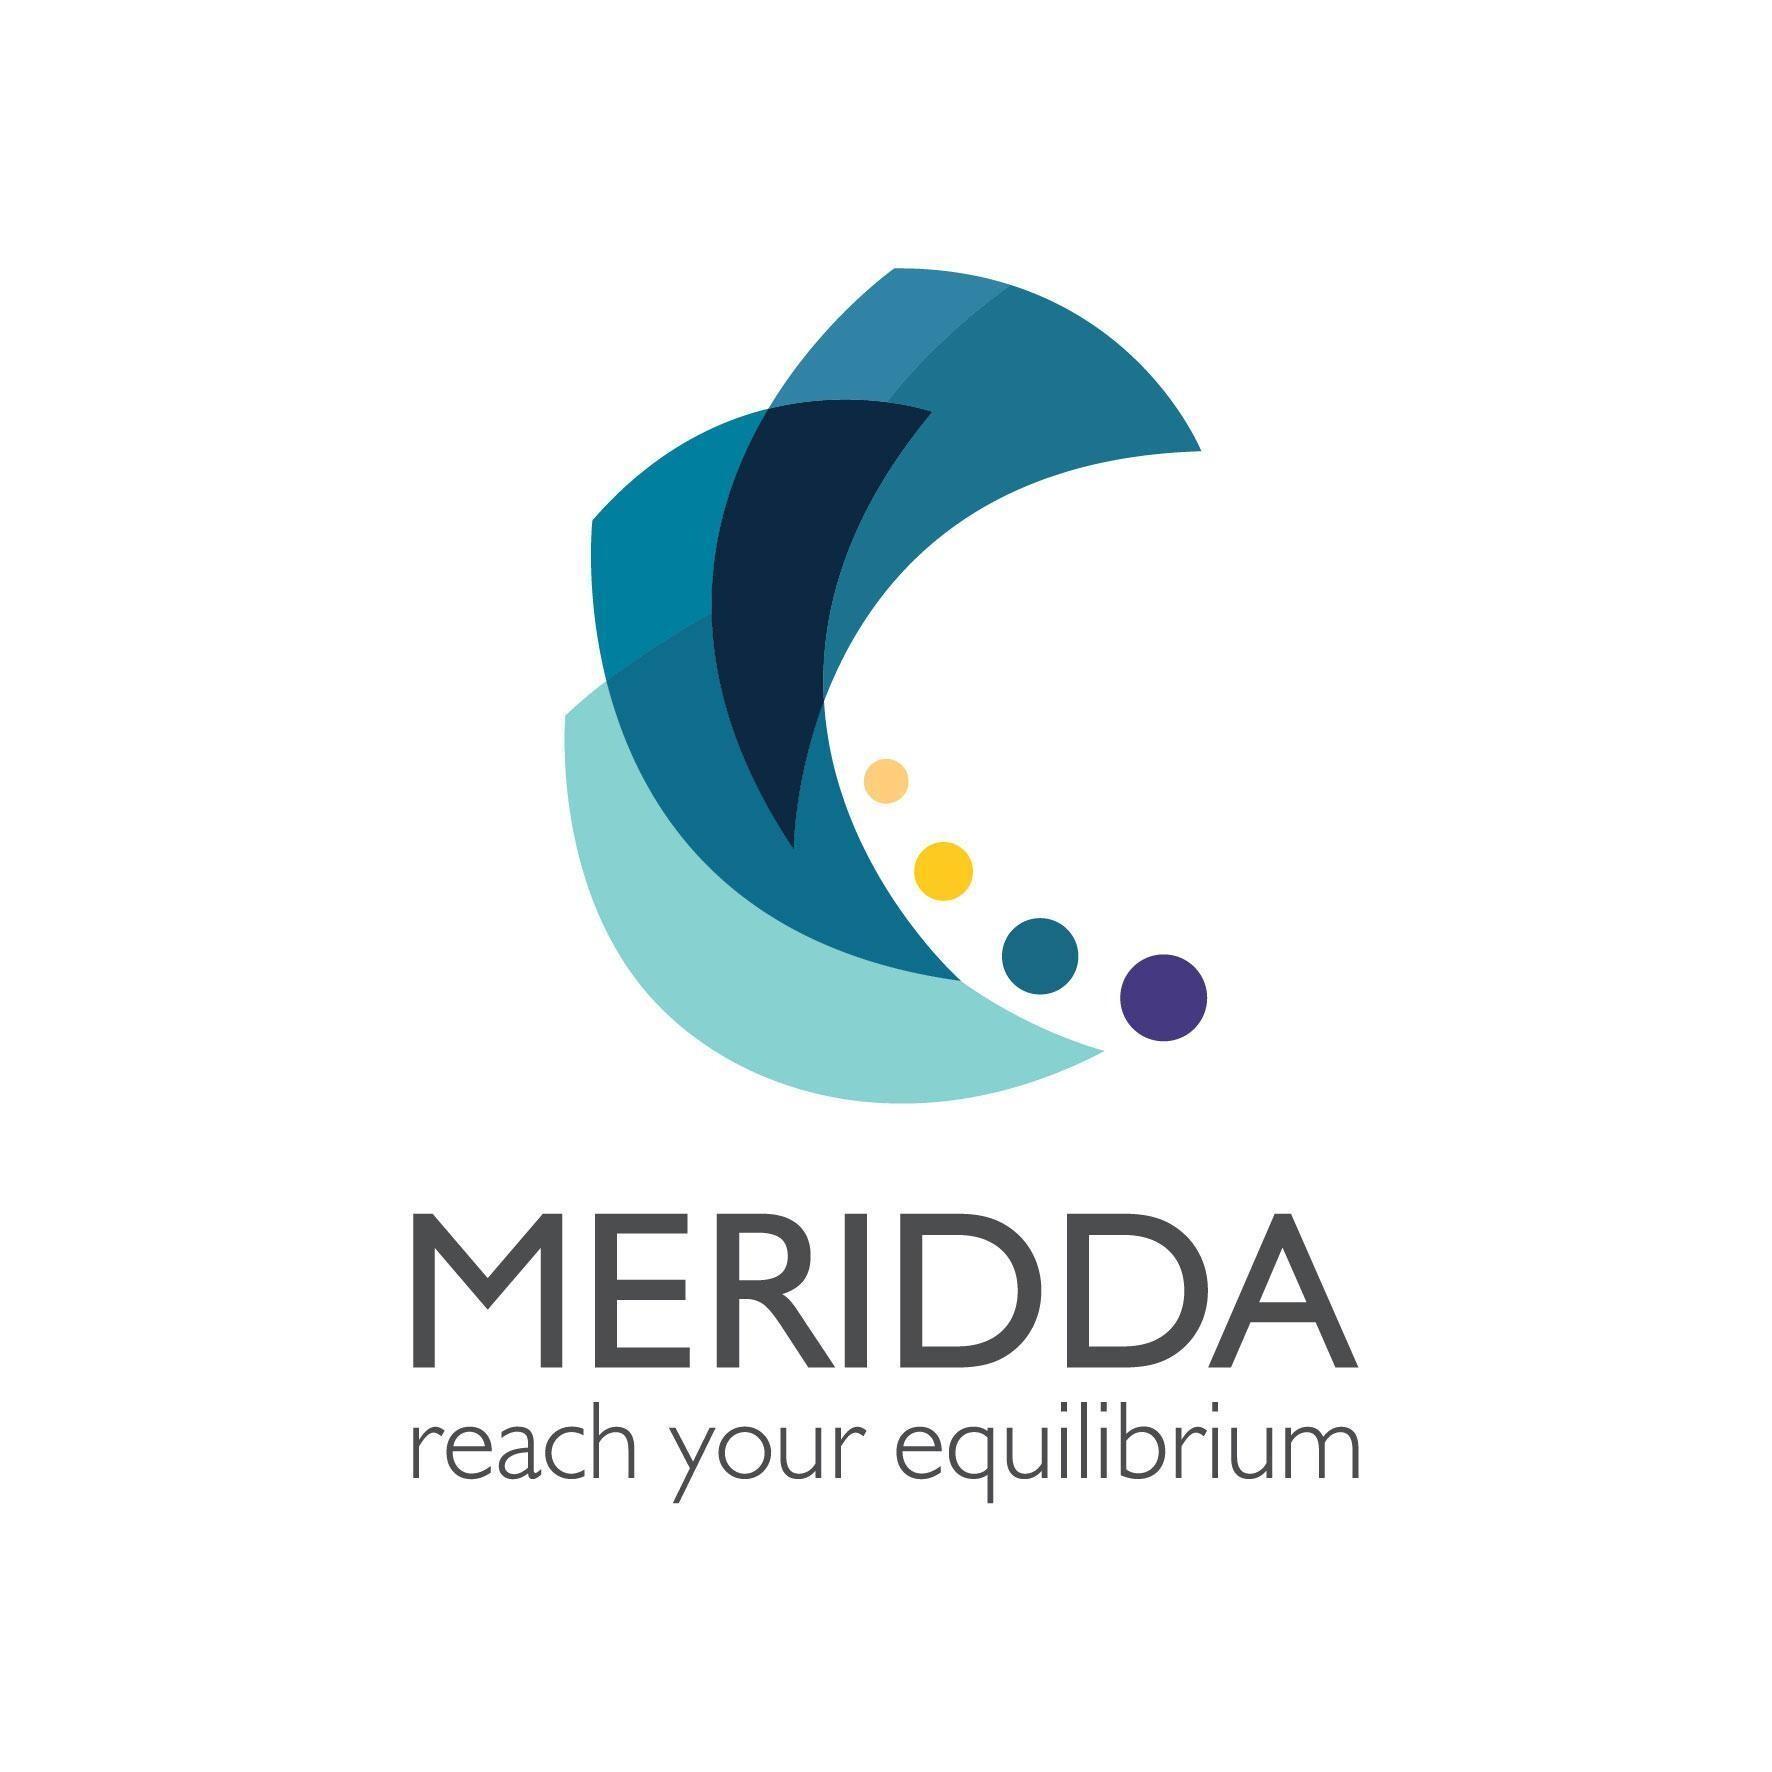 Meridda